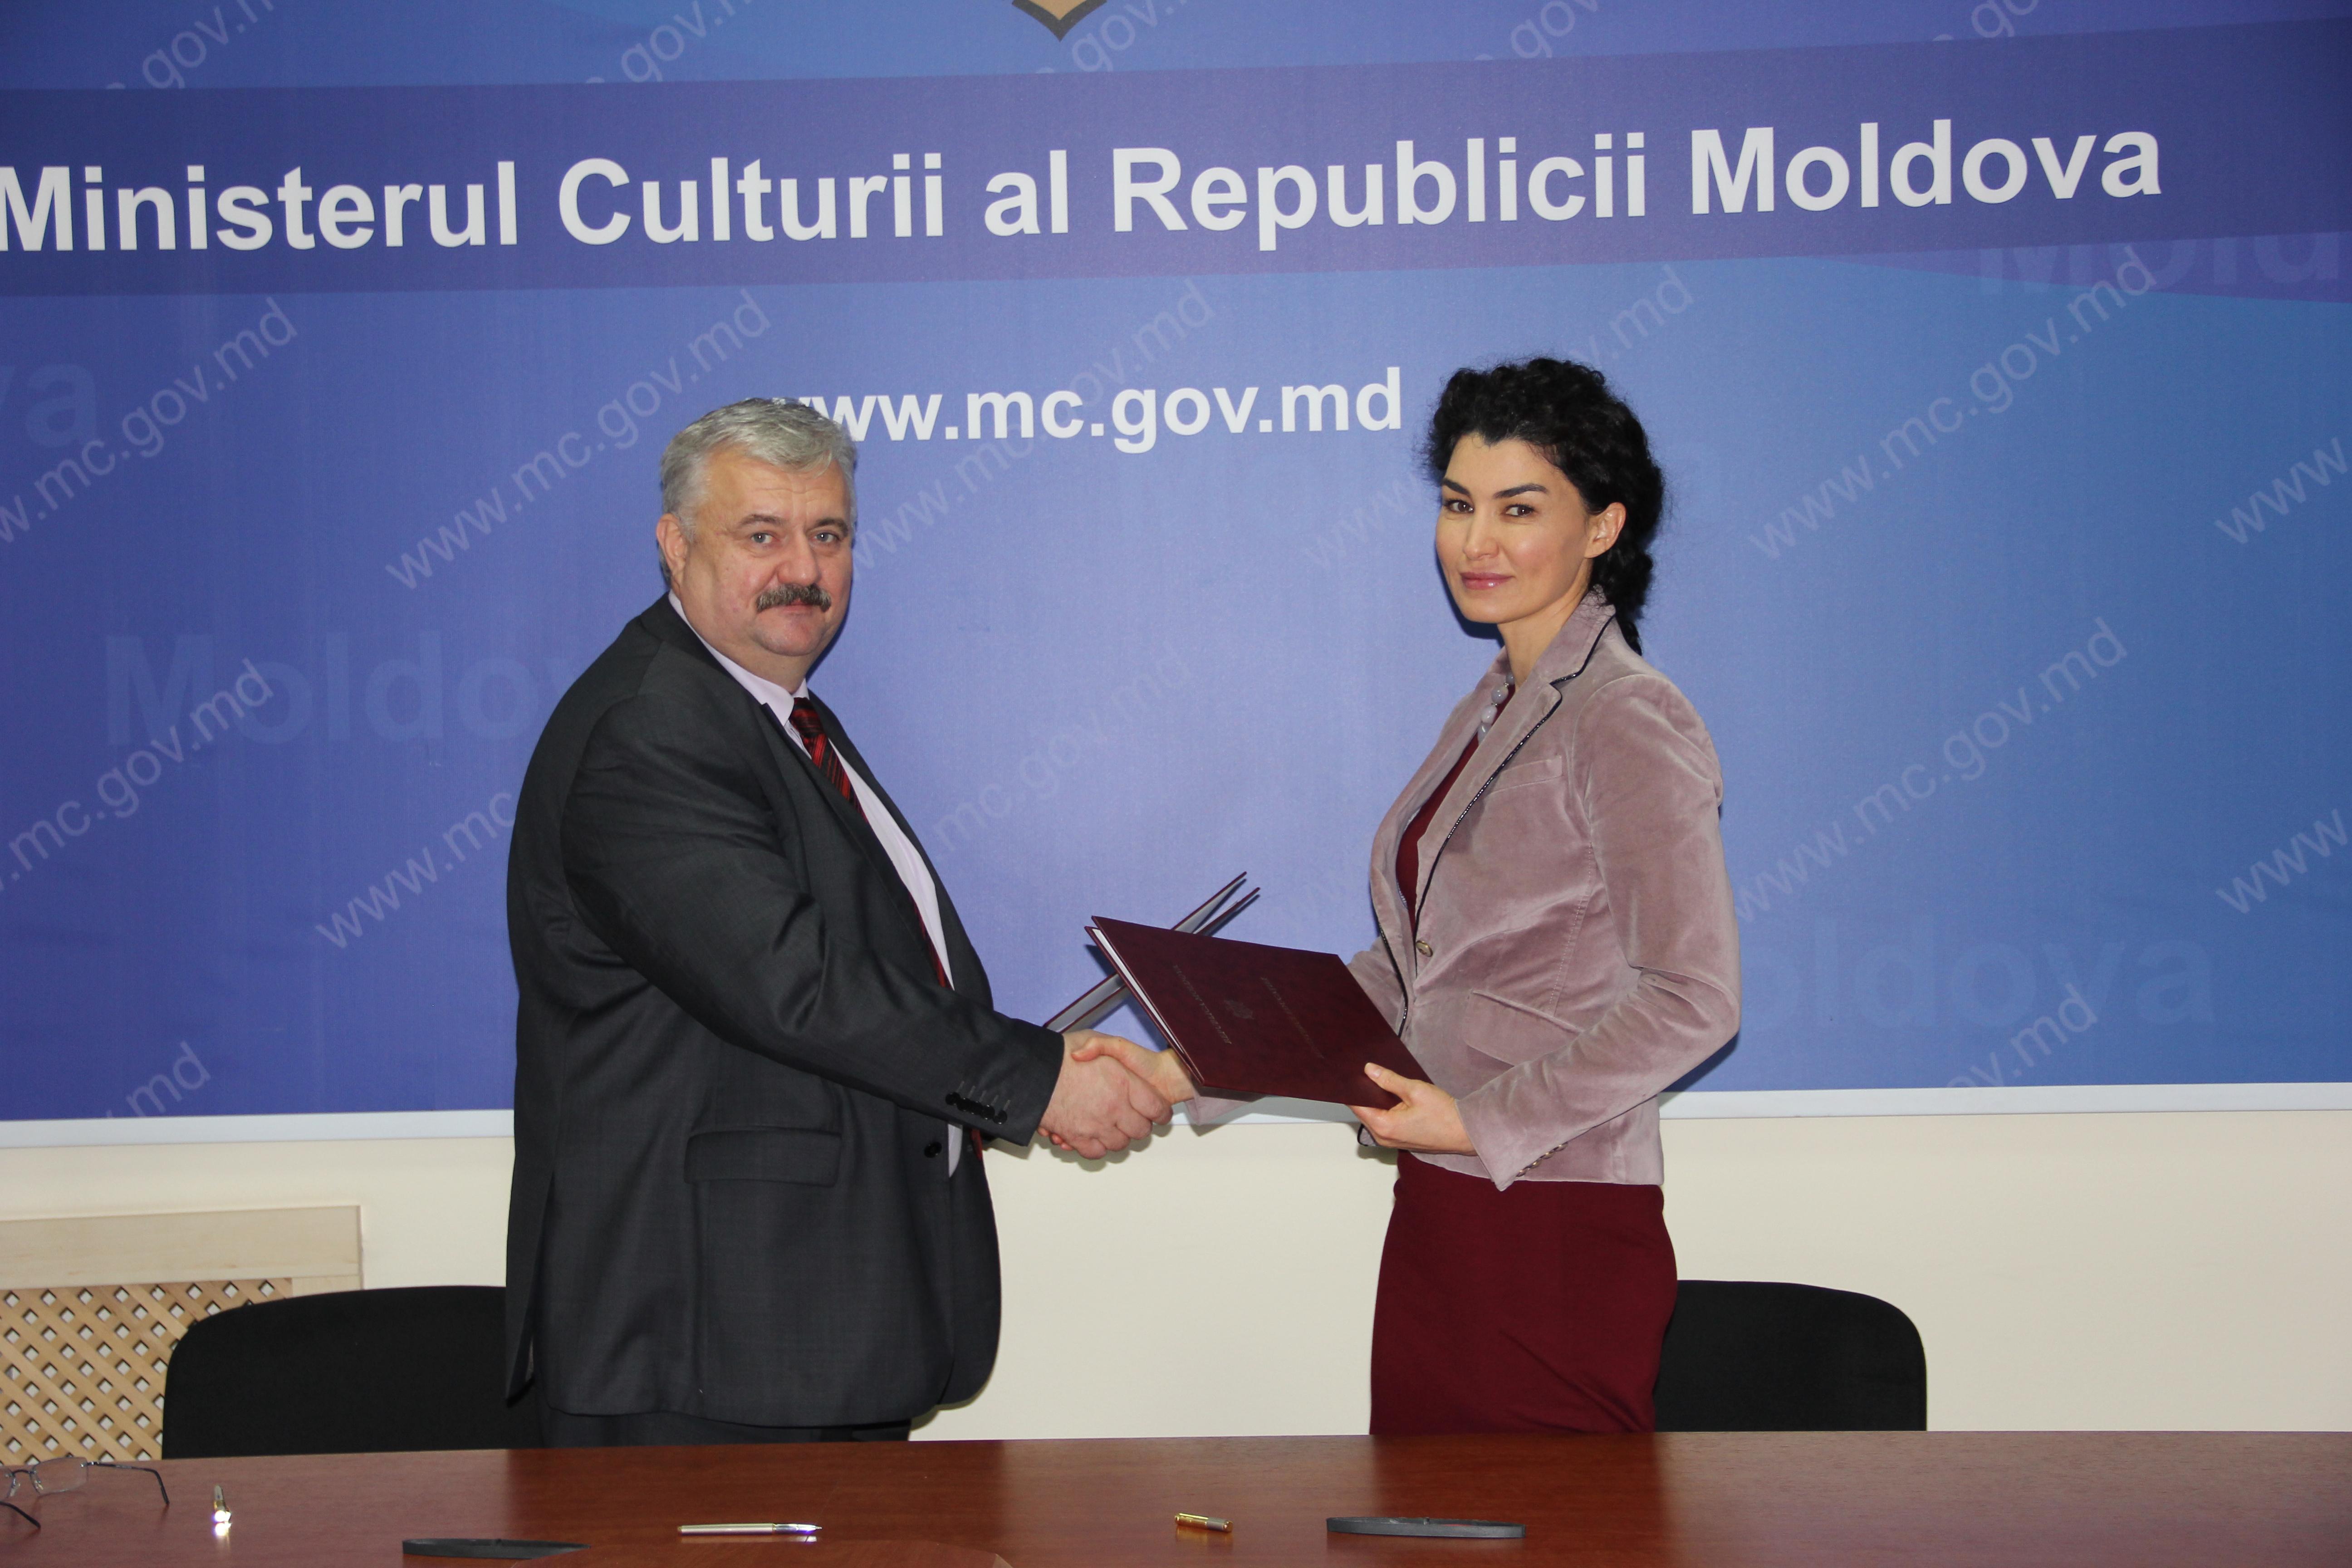 Igor Șarov, Secretar General al Ministerului Educației, Culturii și Cercetării și Rita Columbia, Reprezentanta UNFPA Moldova.